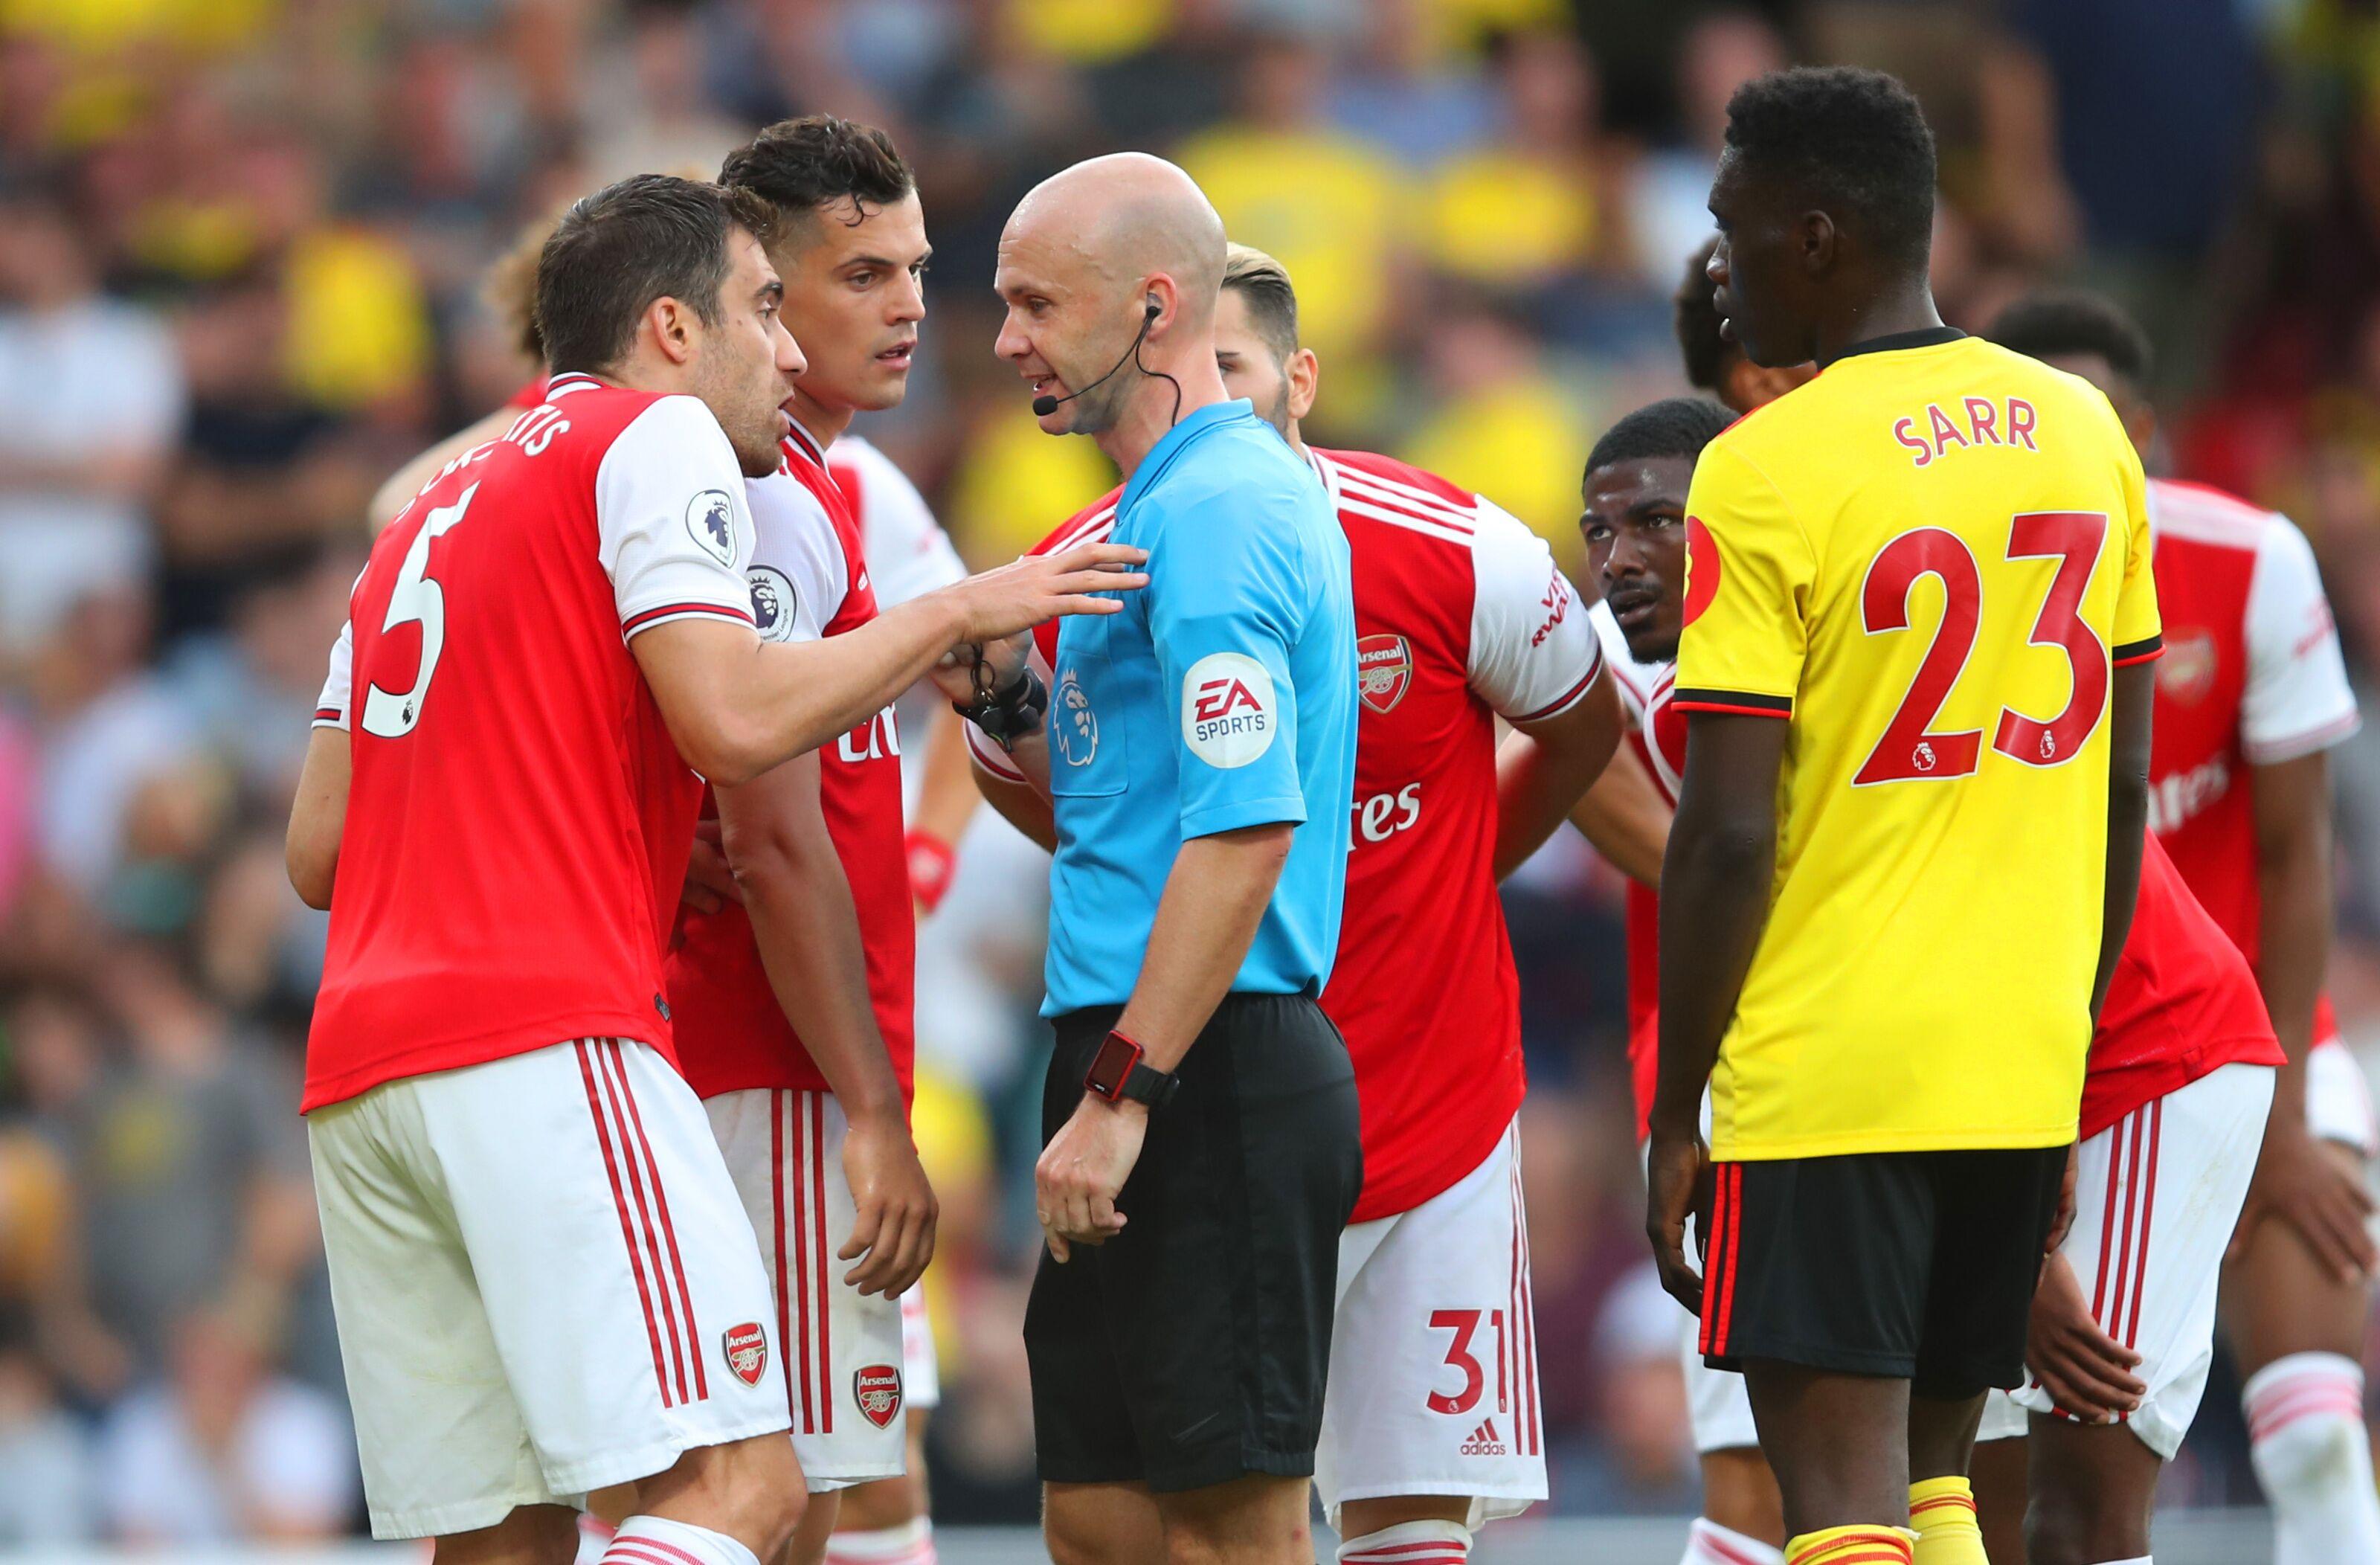 Arsenal: High turnover at centre-back no bad thing